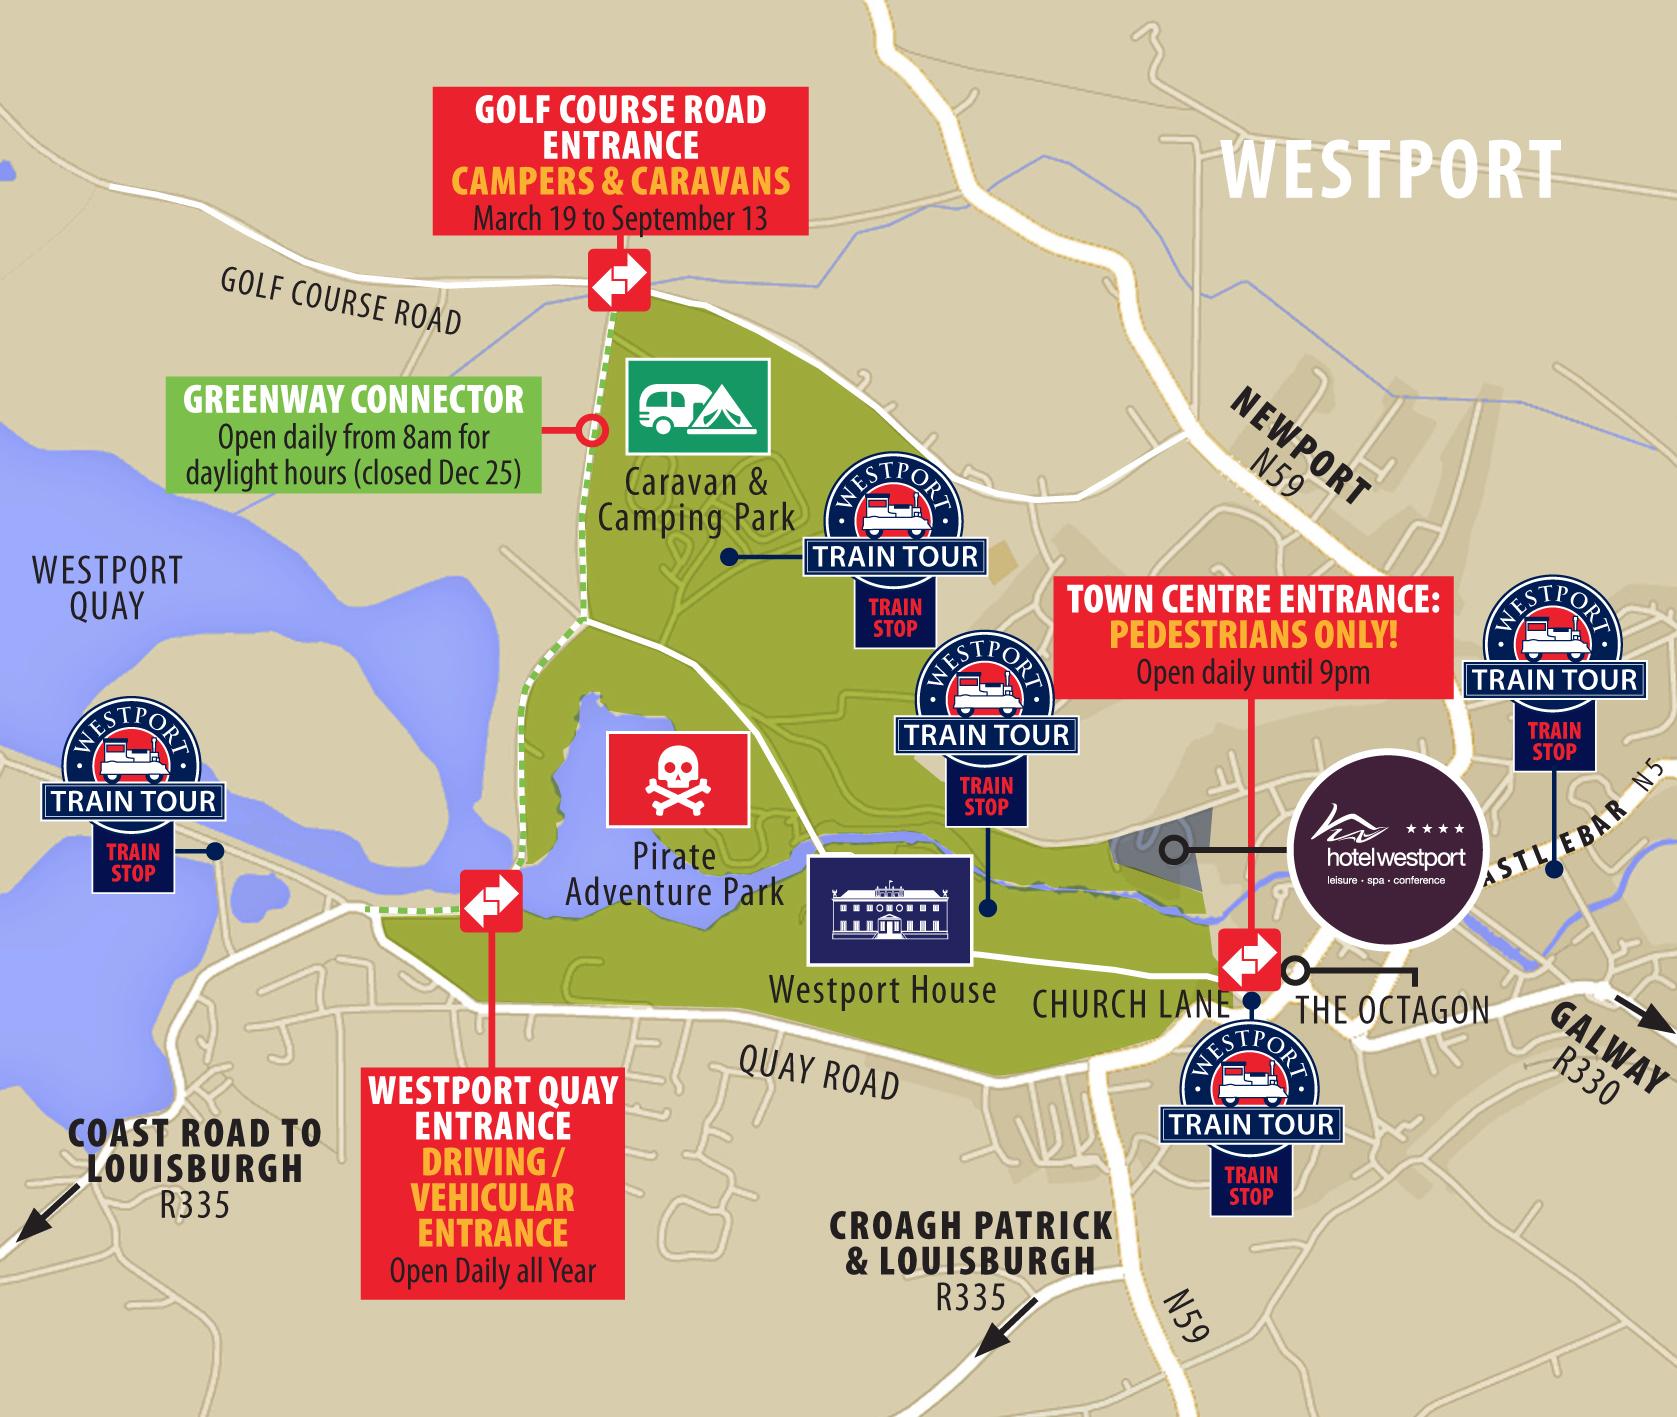 Find House: Westport House